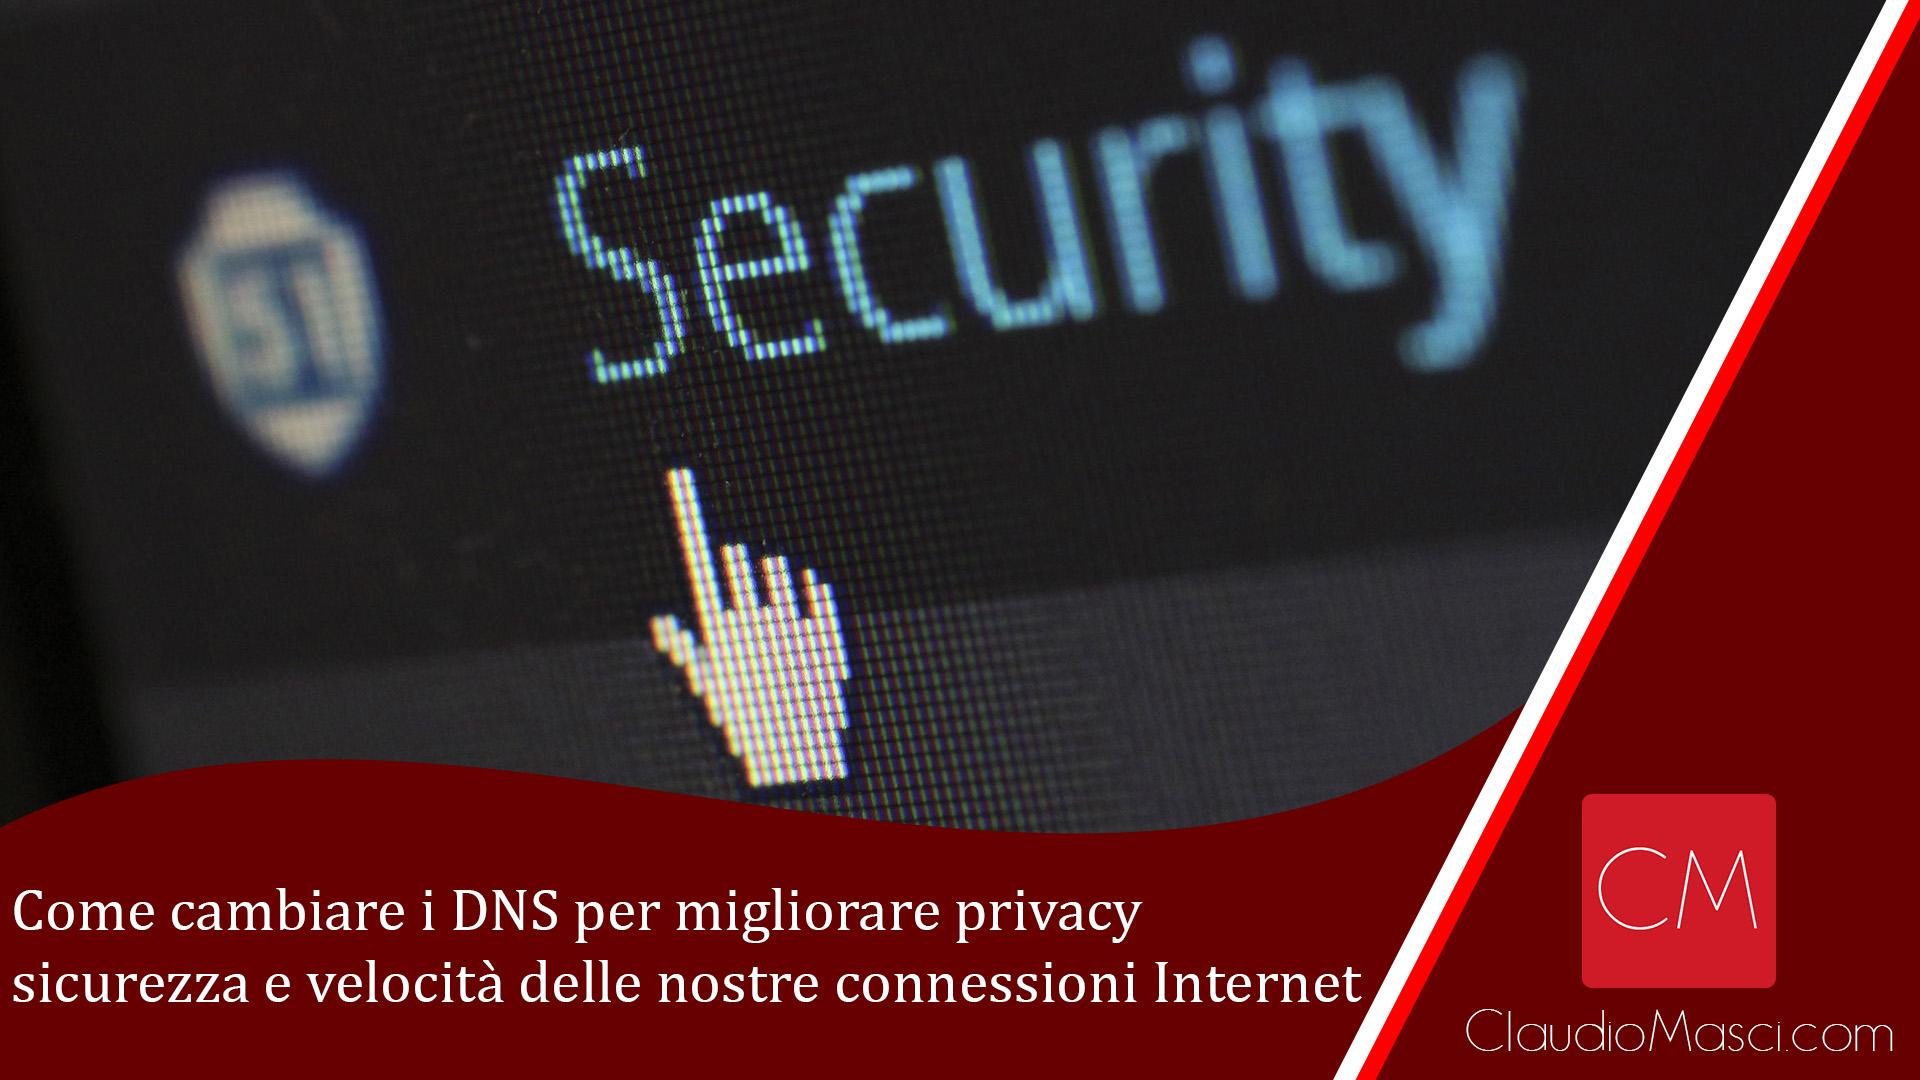 Come cambiare i DNS per migliorare privacy e velocità delle connessioni Internet